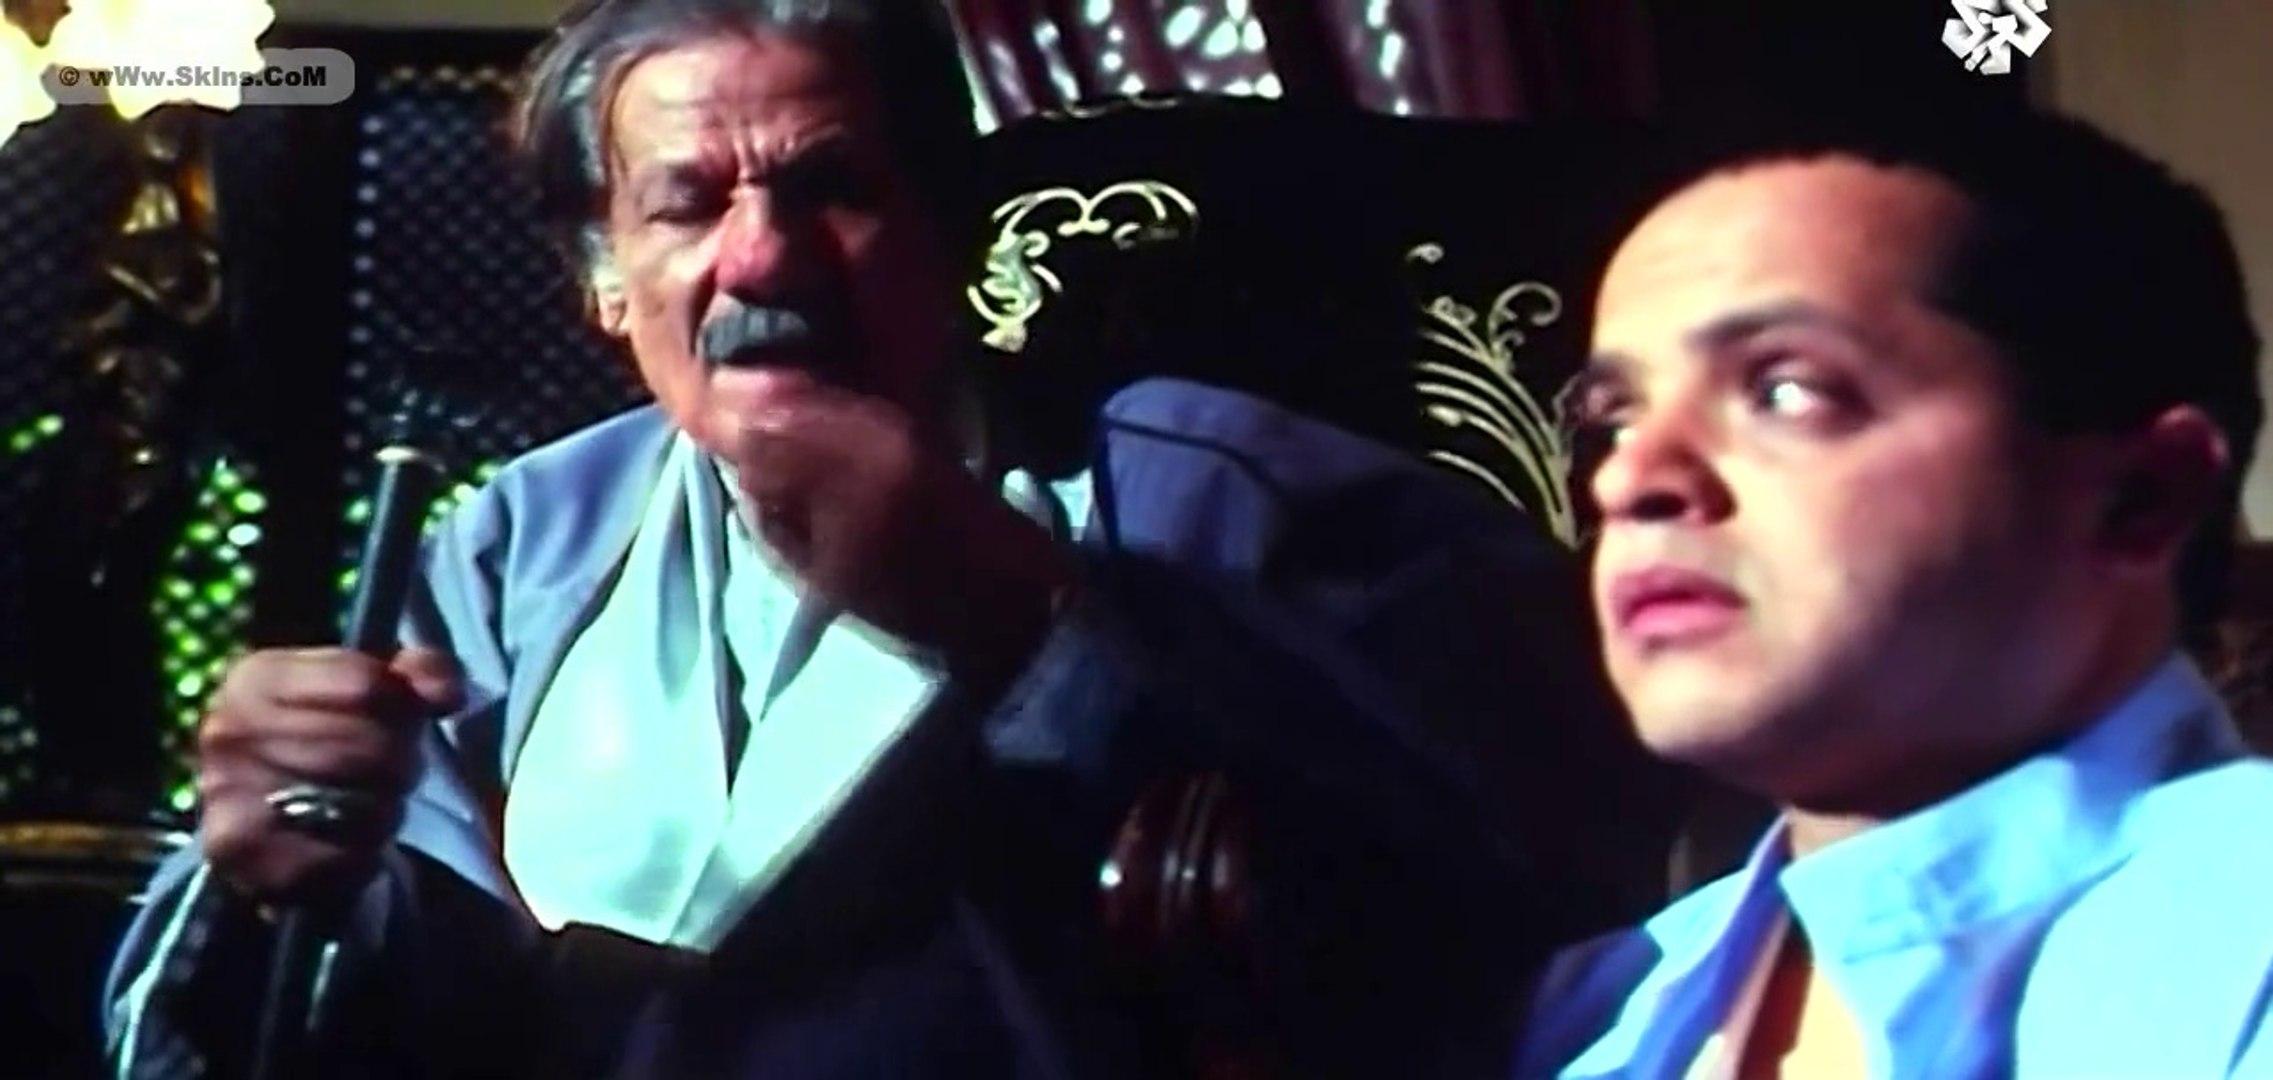 فيلم الكوميديا - فول الصين العظيم 2004 - بطولة محمد هنيدي - بجودة عالية 720p HD